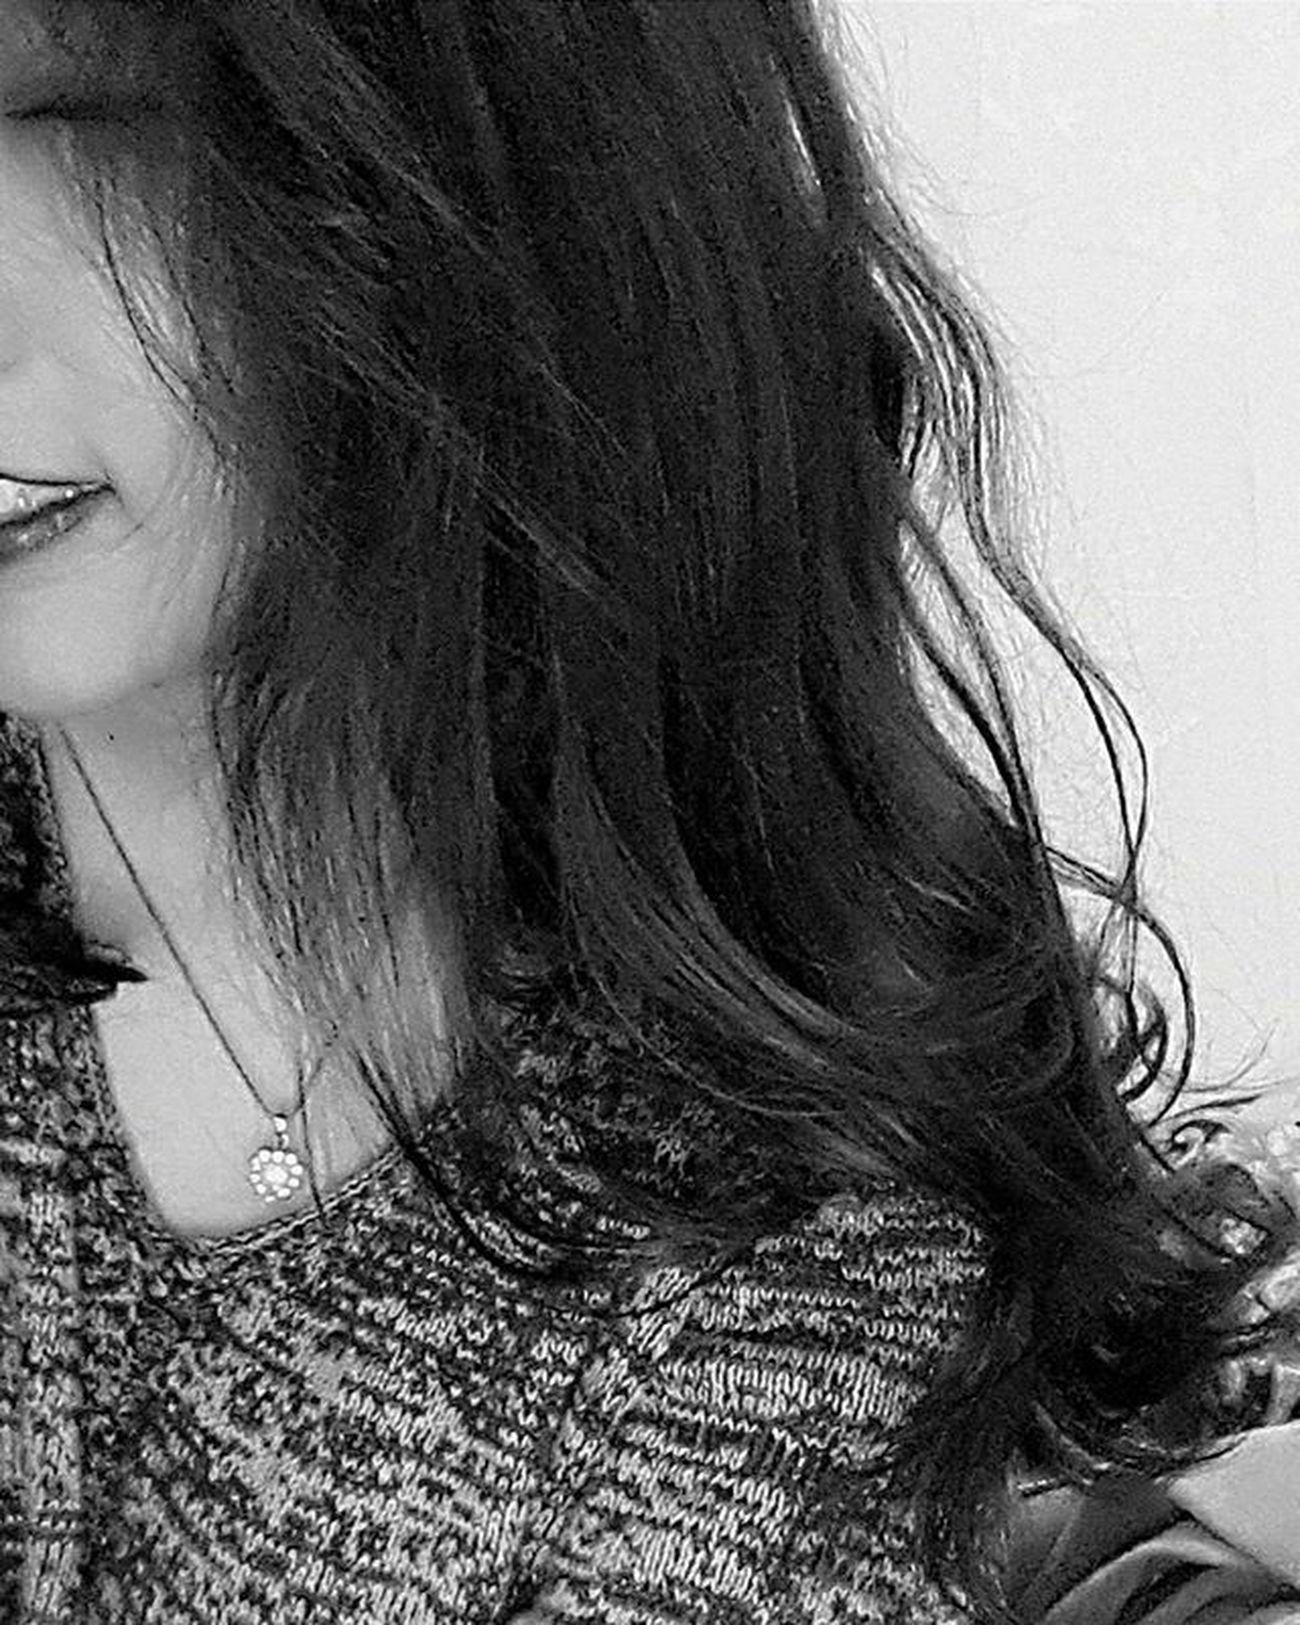 """Viết cho những giờ phút cuối cùng của năm cũ... Ừm, tớ sống khá đơn giản, thẳng thắn mà nói thì có hơi đơn điệu và nhạt nhẽo, xoay quanh mọi thứ của cuộc sống trừ tình yêu haha. Đơn giản vì lâu lắm cũng không có người làm tớ crush rồi :) Và tớ thấy ổn khi một mình, dù có đôi khi cũng cảm thấy thật cô đơn :) Tớ học hành nhàng nhàng, được cái may mắn. Vậy nên đã đỗ đại học và học ngành mình thích. Lo sợ, hoài nghi, ngờ vực, đôi khi tớ vẫn tự hỏi lựa chọn của tớ có phù hợp với tớ không nhưng tớ vẫn đang từng bước cố gắng đi trên con đường tớ đã chọn. Việc bạn bè ấy à, chậc, là một đống lộn xộn. Dẫu sao cũng cảm ơn các cậu đã là một phần kỉ niệm cấp 3 của tớ, hì. Việc bản thân thì ngắn gọn thôi, vết sẹo """"xinh đẹp"""" và cú vấp ngã đau người, chậc :) Gia đình là điều khiến tớ khóc nhiều nhất trong năm qua bởi vì cảm thấy bản thân làm khổ bố mẹ quá nhiều. Cứ khi nào nhớ đến trong lúc đau đớn vì mất một phần cơ thể, da thịt nứt toác, có giọng nói lo lắng, vỗ về của mẹ, khi mê mang bất động có bàn tay chai sần ấm nóng của bố nắm lấy tay tớ, nước mắt tớ lại rơi. Đôi khi ước rằng mình bé lại, có thể rúc vào trong vòng tay mang hơi ấm tình yêu của cha mẹ :) Còn gần nửa tiếng nữa là giao thừa rồi. Năm 2015, năm mà giọt nước mắt tới nhiều một cách bất ngờ như vậy. 2015, vuột mất một số người nhưng vẫn có mấy đứa cạ, có gia đình luôn ở bên, có thêm mấy con sống ảo hay xàm xàm làm bạn và những trải nghiệm mới nữa. Cảm thấy ổn. 2016 sẽ cười thật nhiều, sẽ thật vui vẻ và hạnh phúc. Hết. Goodbye 2015  Hello 2016 Lunarnewyear Happynewyear Note Blacknwhite Selfie Smile Vsocam Vscovietnam Vsodaily Vscohanoi Instapics Instadaily"""